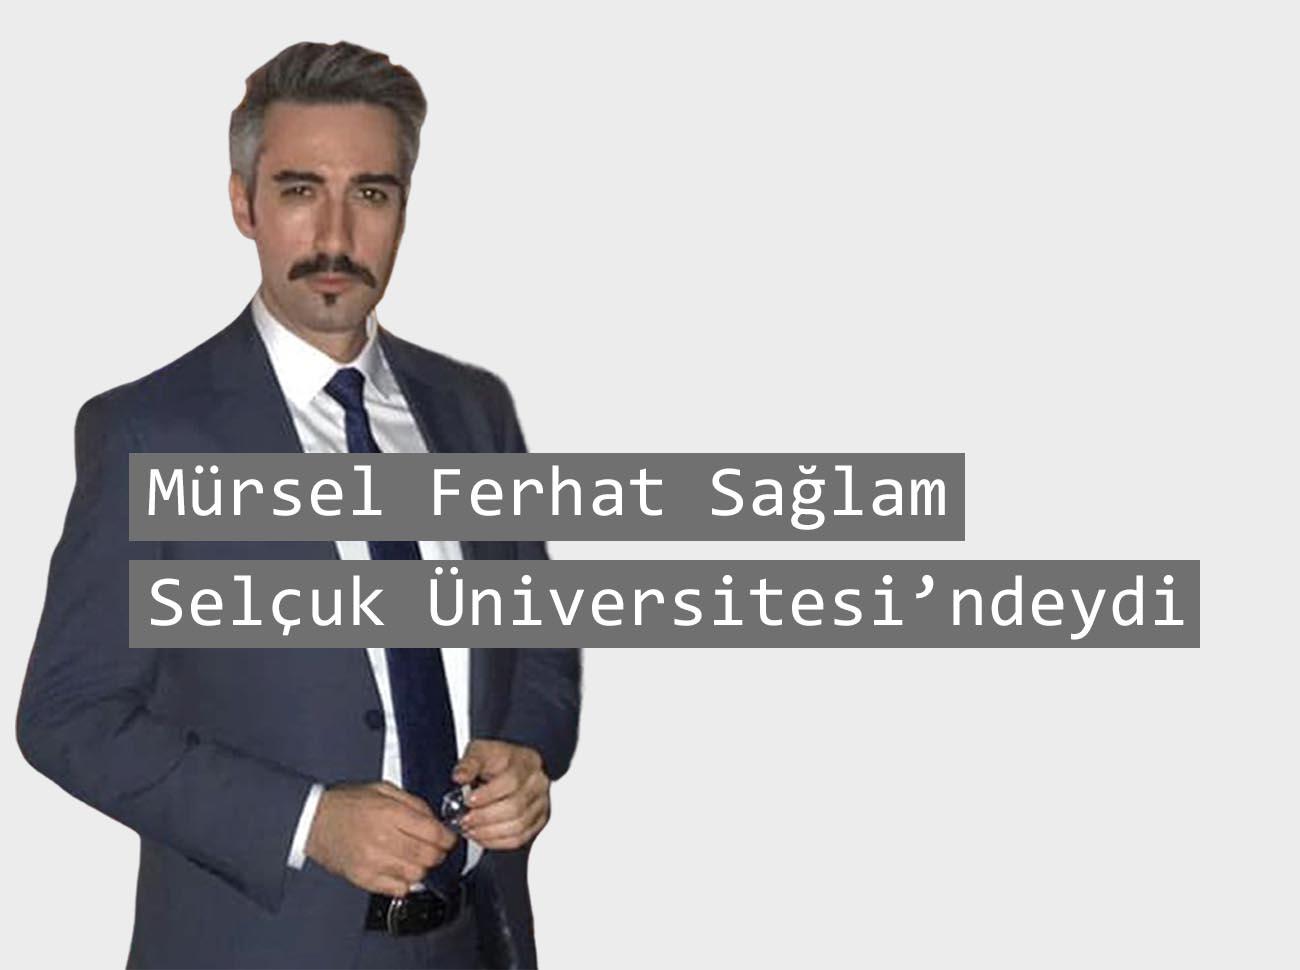 Mürsel Ferhat Sağlam Selçuk Üniversitesi'ndeydi